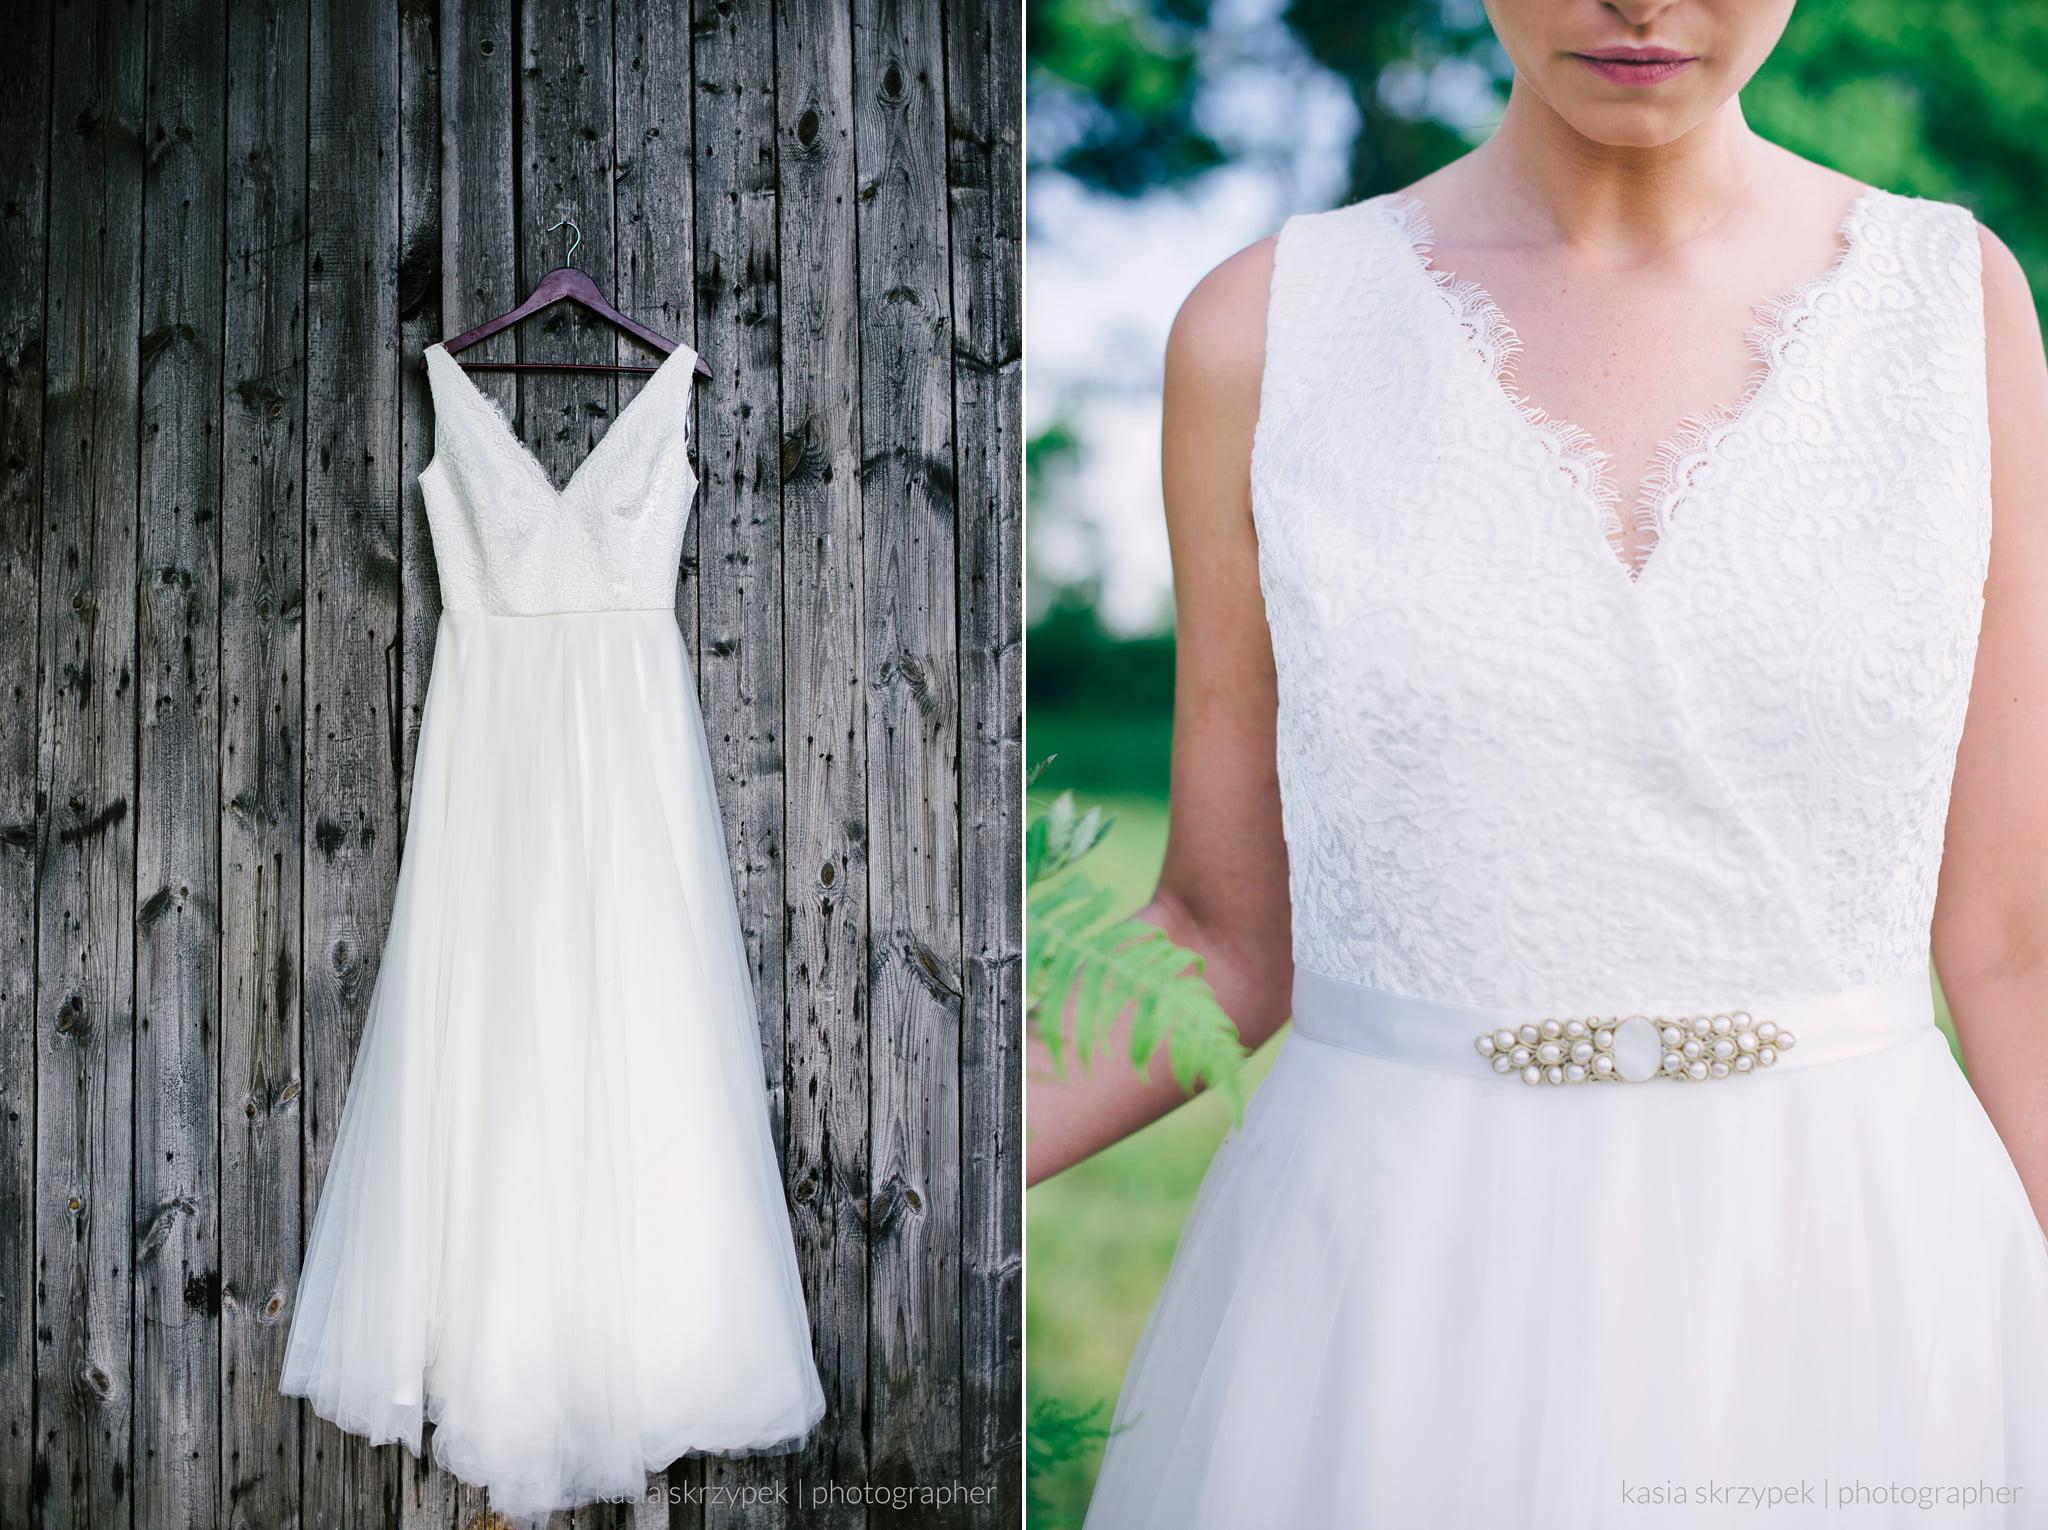 Blog-Botanical-Wedding-Styled-Shoot-03